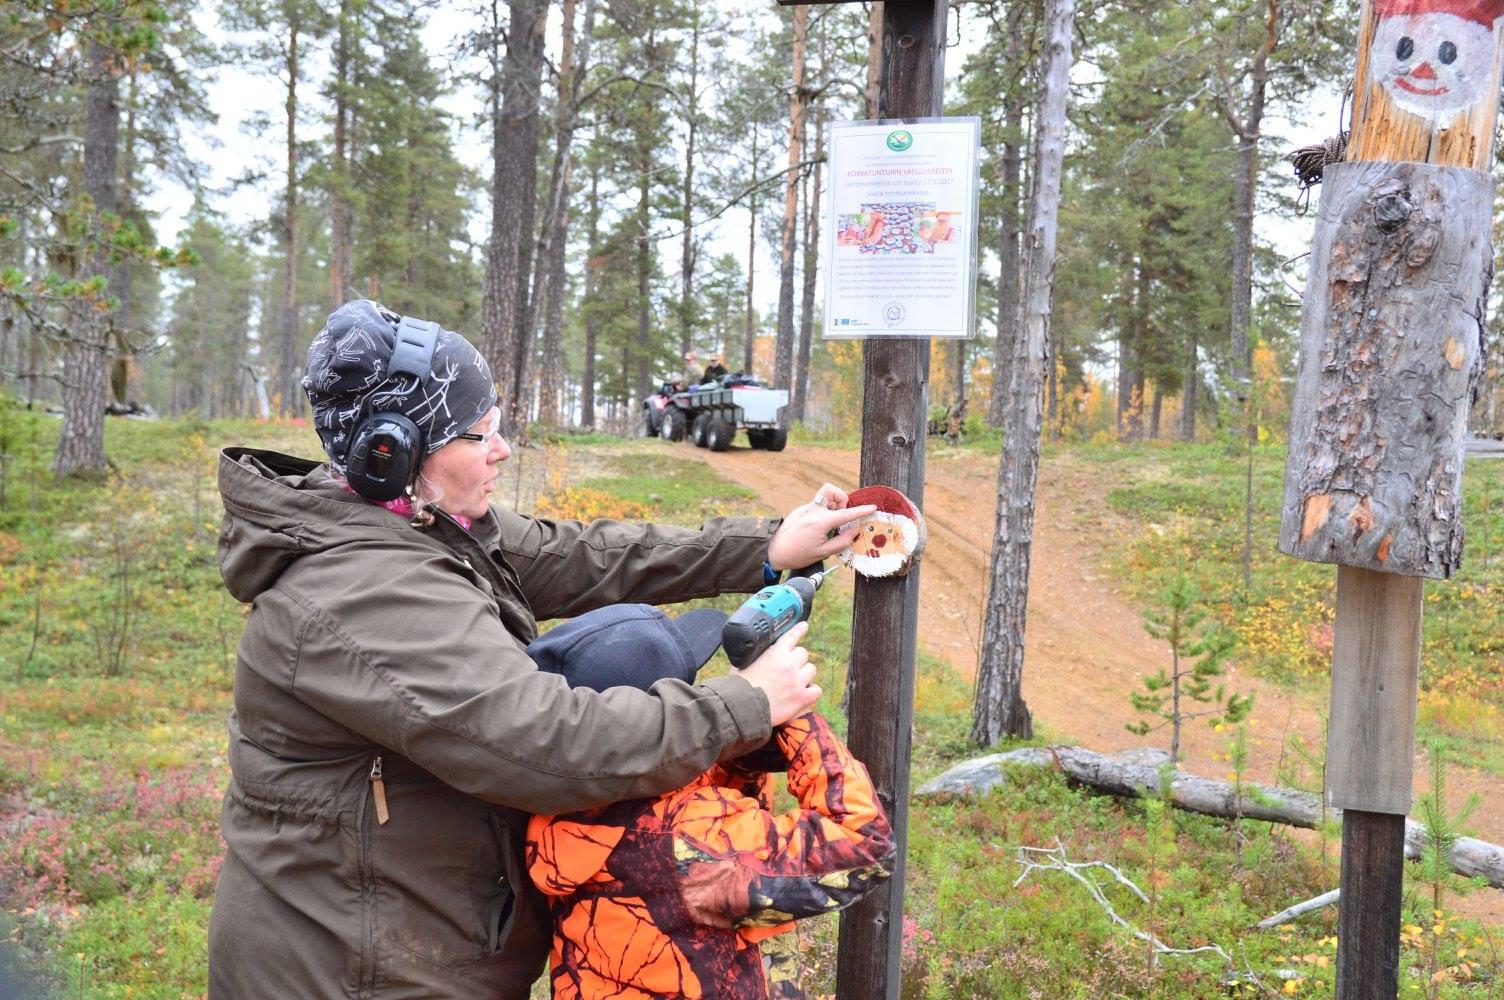 Reija Aaltonen avustaa poikaansa Akseli Pulskaa alulle aivan ensimmäisen kiekon ripustuksessa.